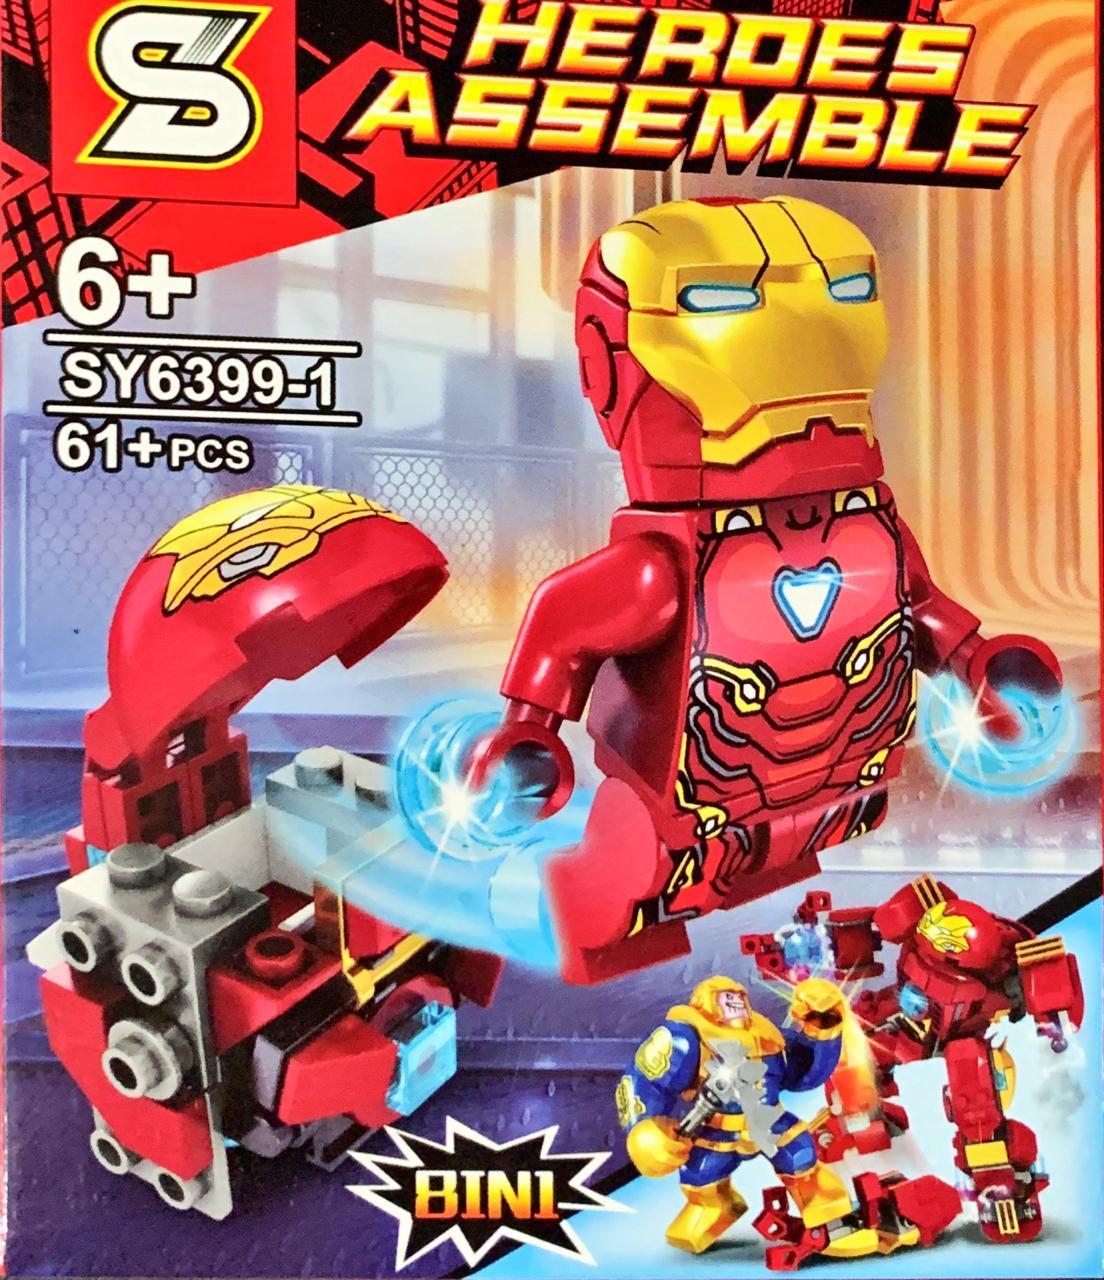 Bloco de Montar Heroes Assemble: Homem de Ferro (SY6399-1) - (61 Peças)